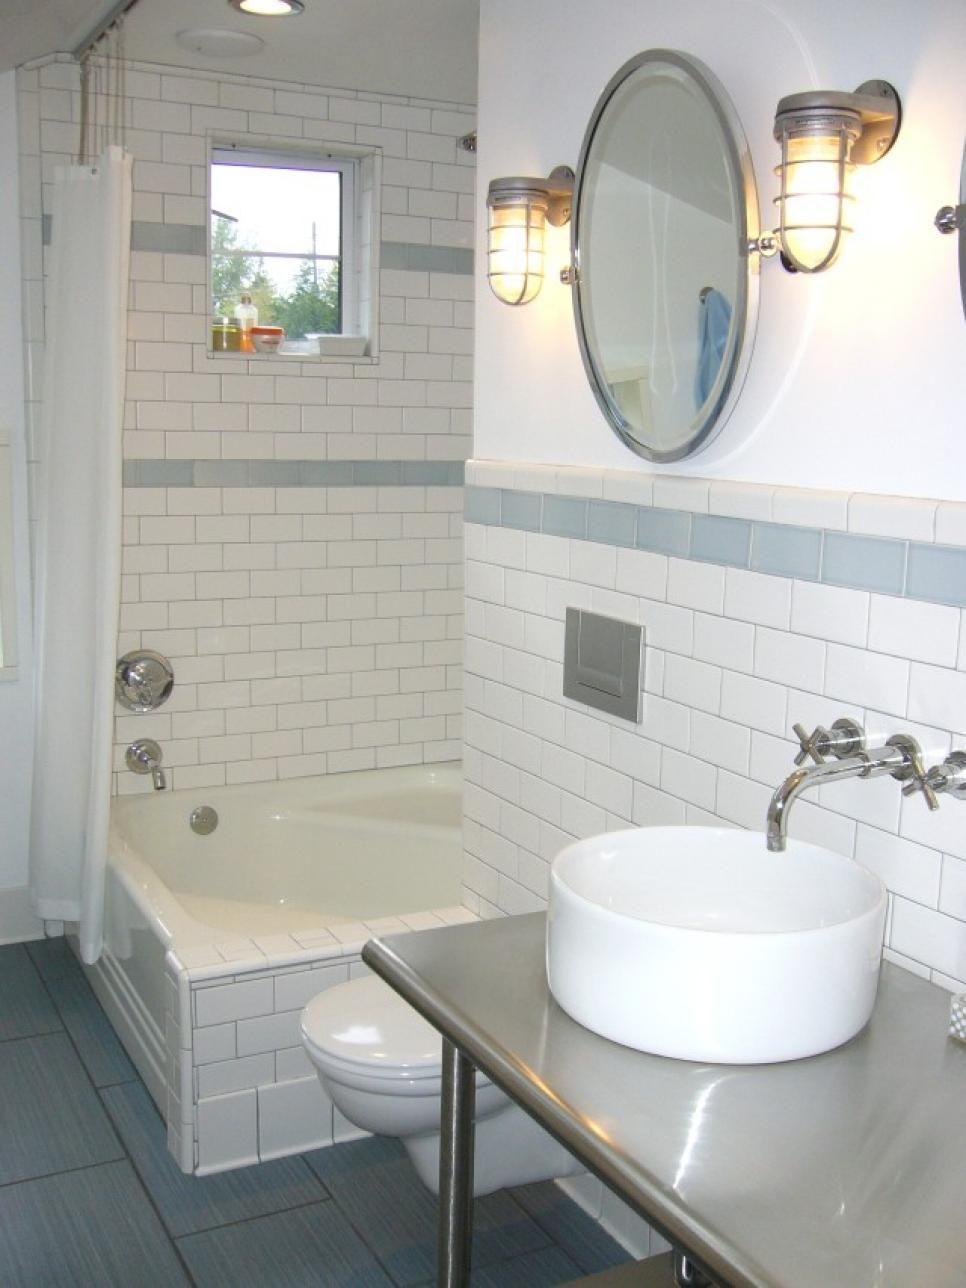 Beautiful Bathroom Redos on a Budget | Half bath remodel and Bath ...